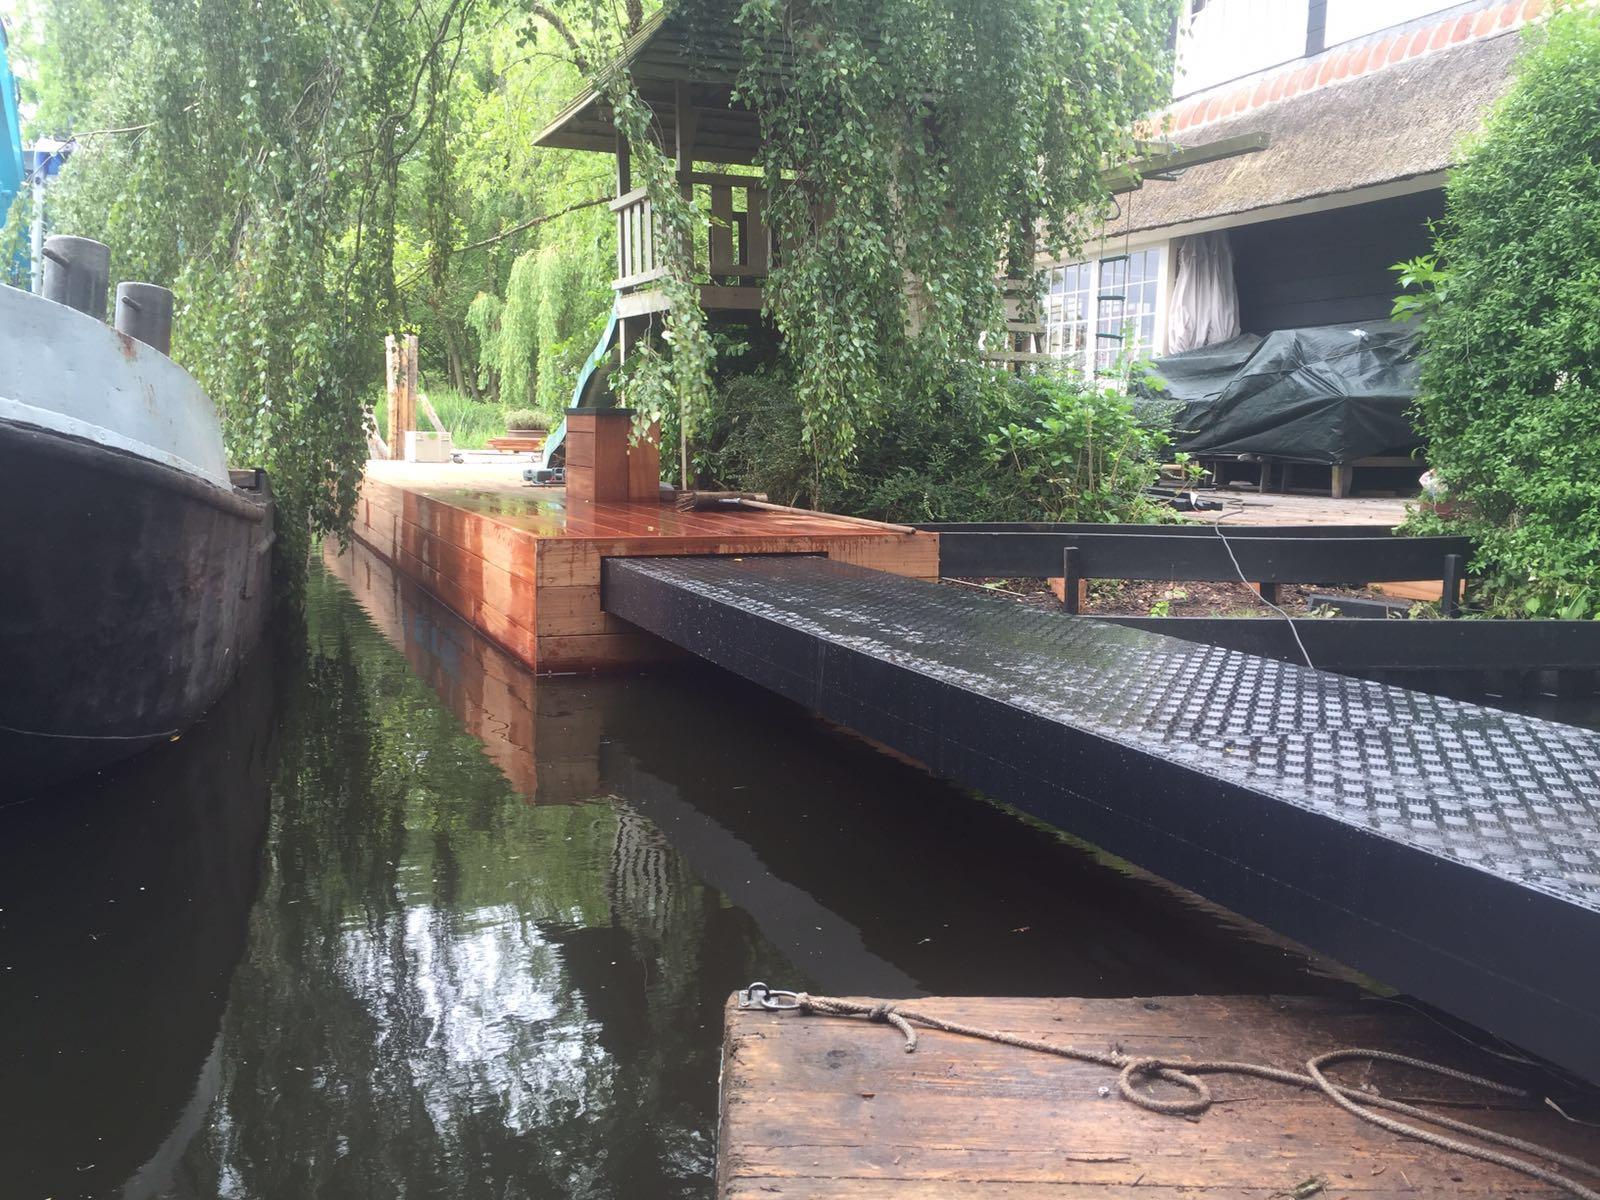 Schuifbrug - Aalsmeer2